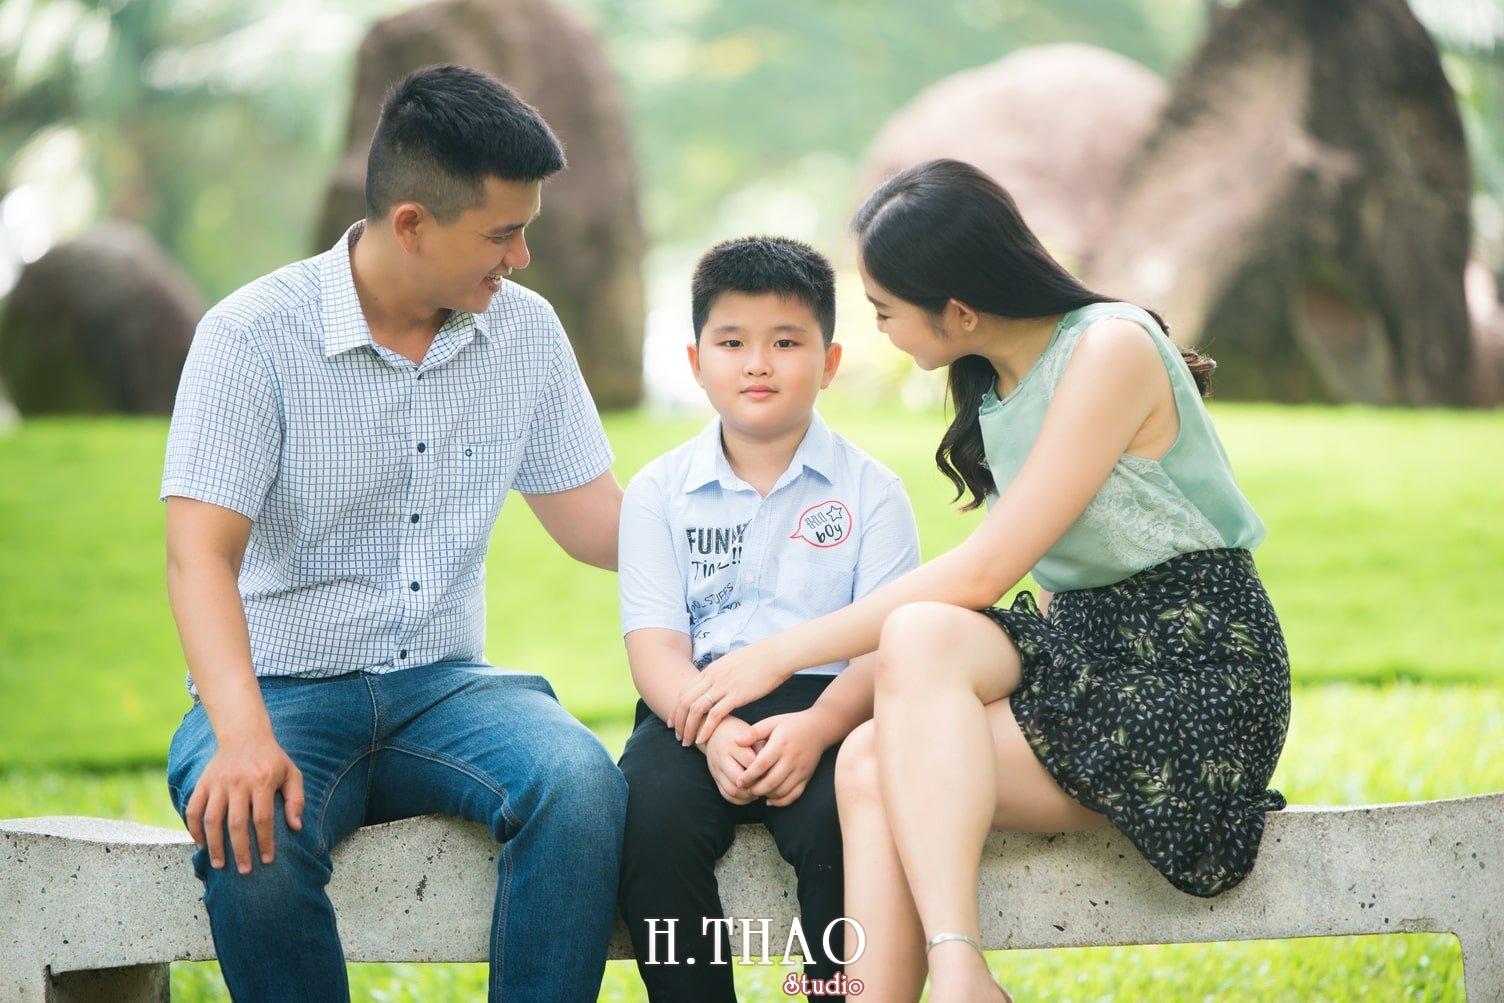 Anh Gia dinh 3 nguoi 18 - Bộ ảnh gia đình 3 người chụp ngoại cảnh đẹp tự nhiên - HThao Studio